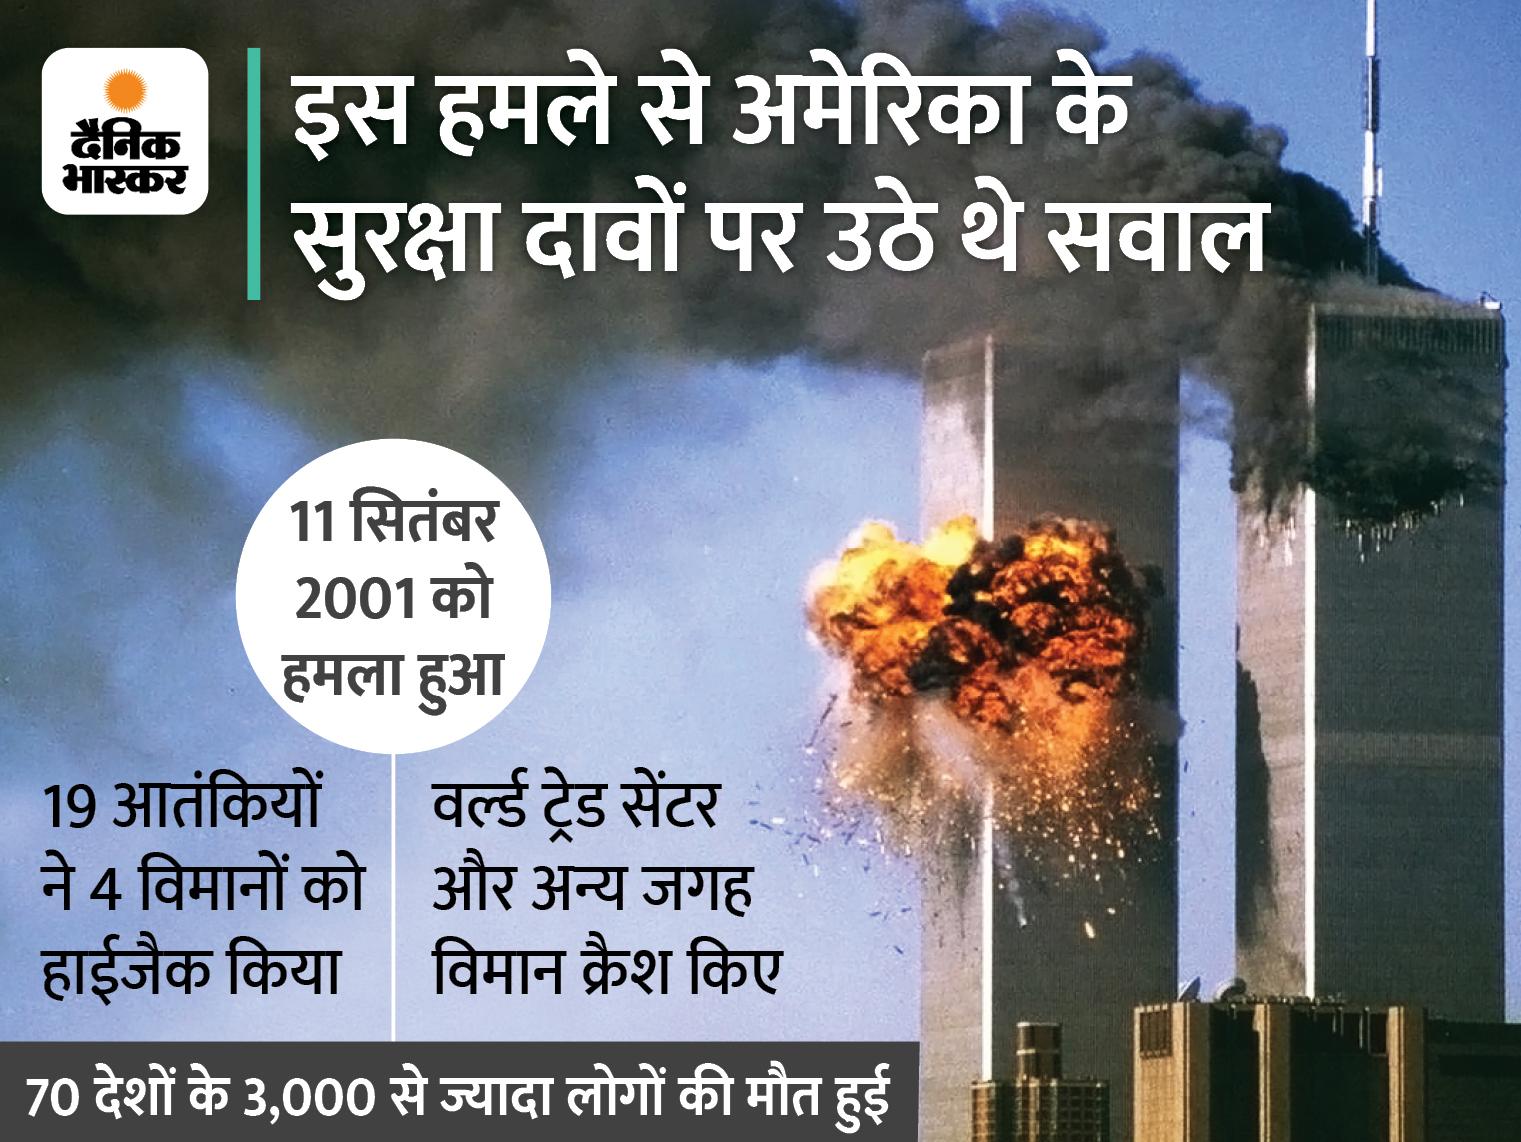 दुनिया के सामने आएंगे 9/11 हमले की जांच से जुड़े दस्तावेज, बाइडेन ने चुनाव के वक्त पीड़ित परिवारों से किया था वादा|विदेश,International - Dainik Bhaskar